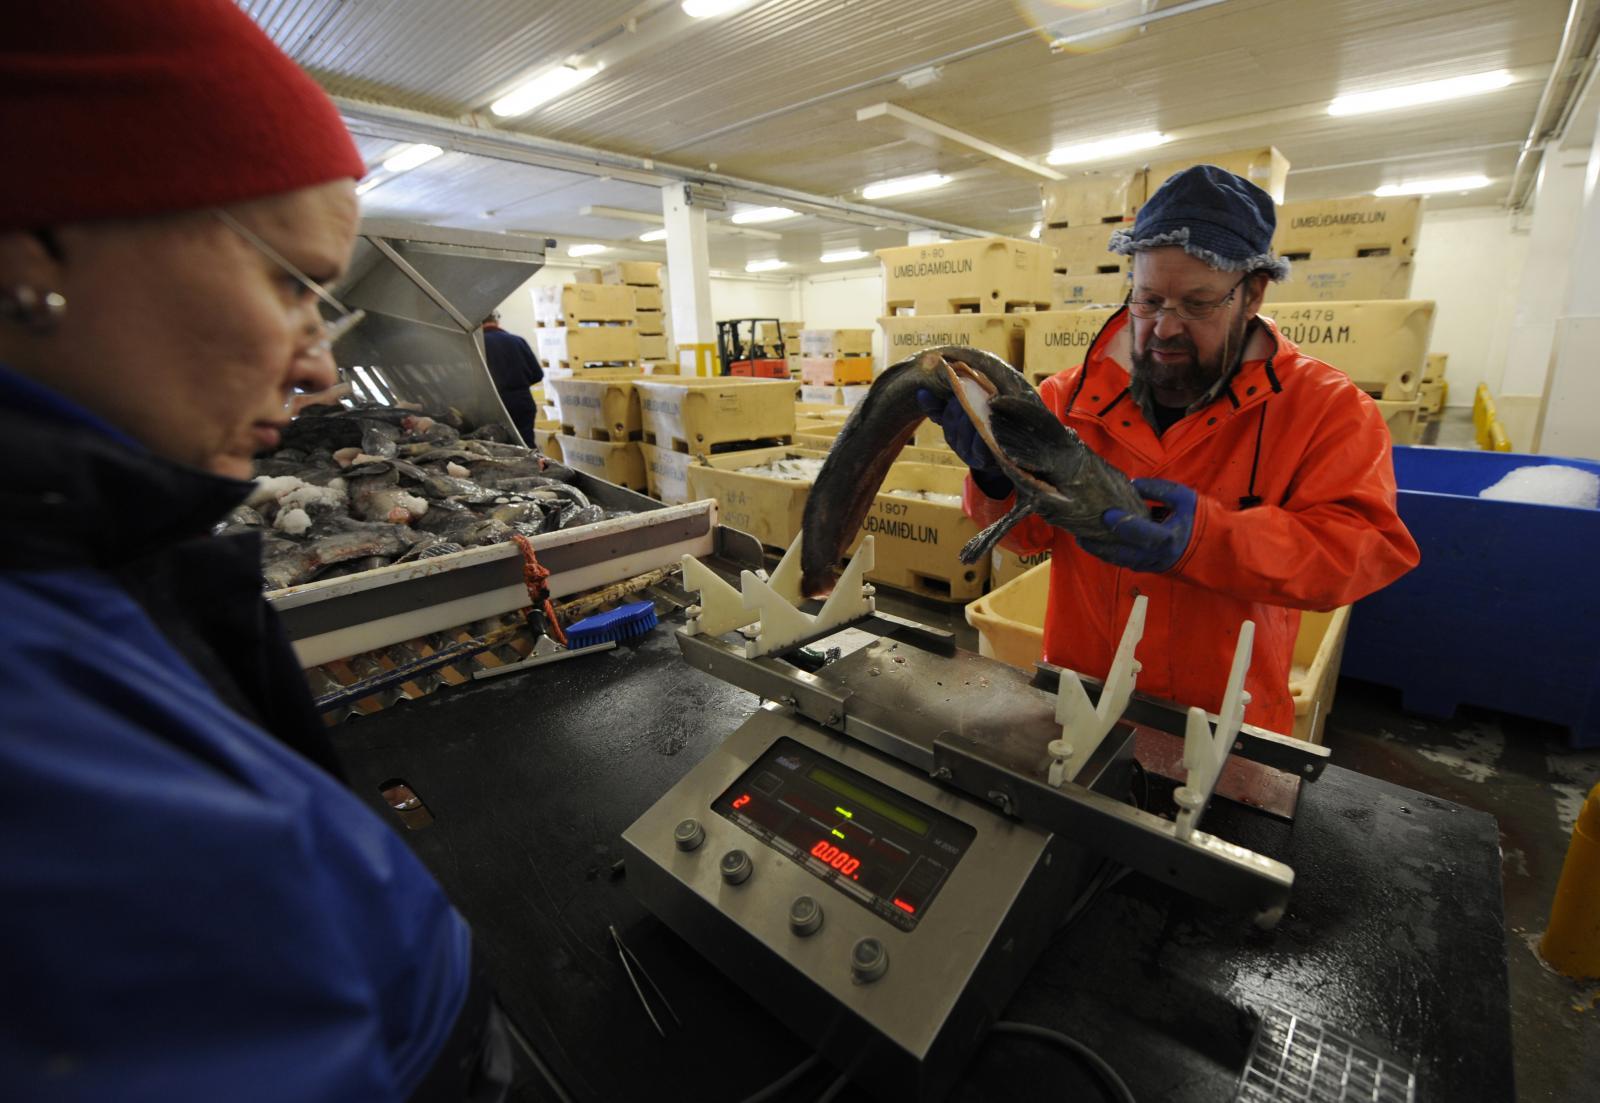 ไอซ์แลนด์บังคับใช้กฎหมายจ่ายค่าจ้างชาย-หญิงเท่าเทียมกัน